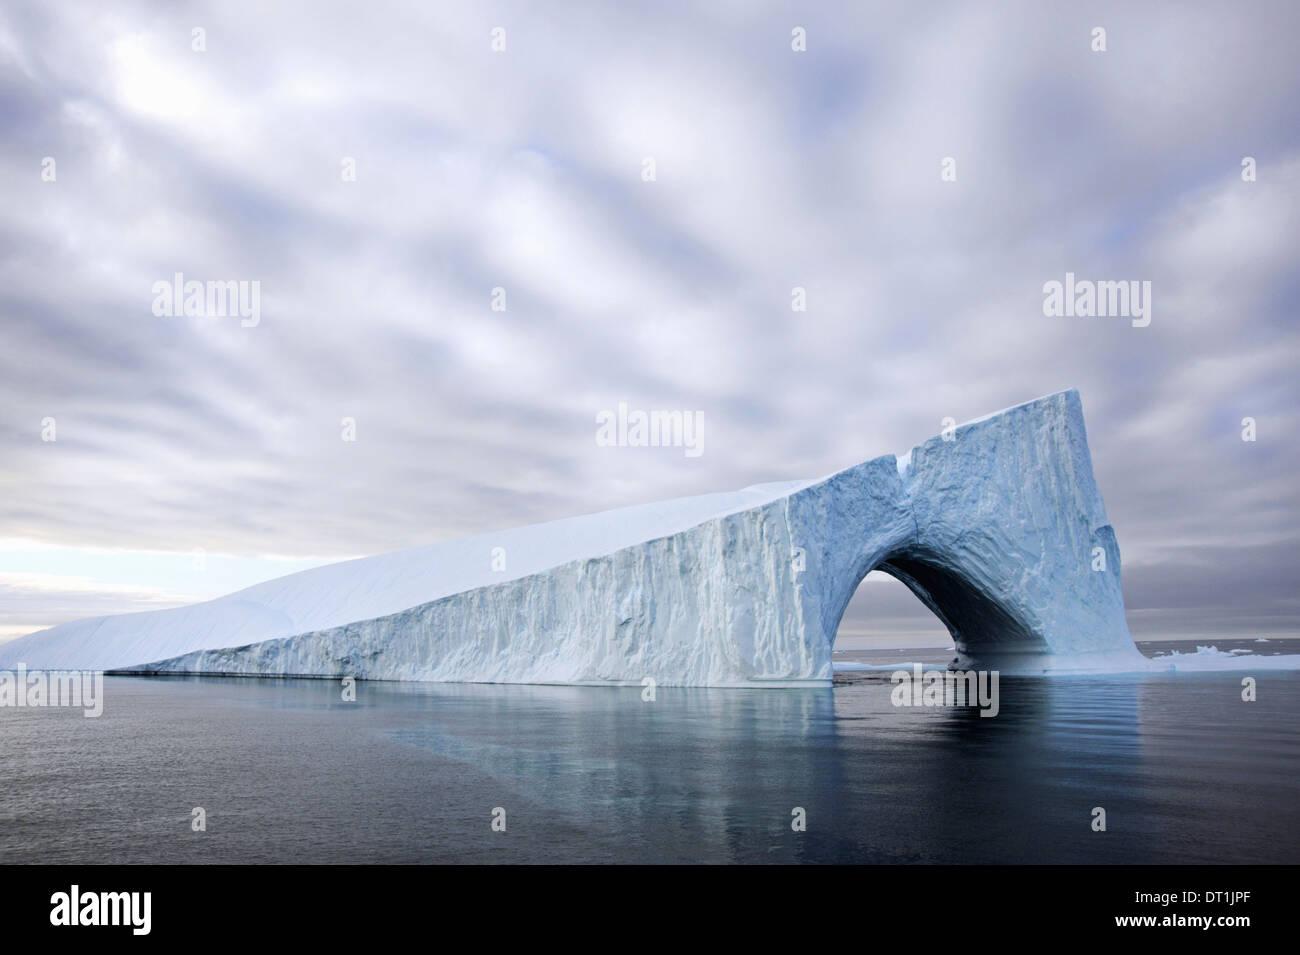 Los icebergs en la Bahía de Baffin cerca de Groenlandia Imagen De Stock